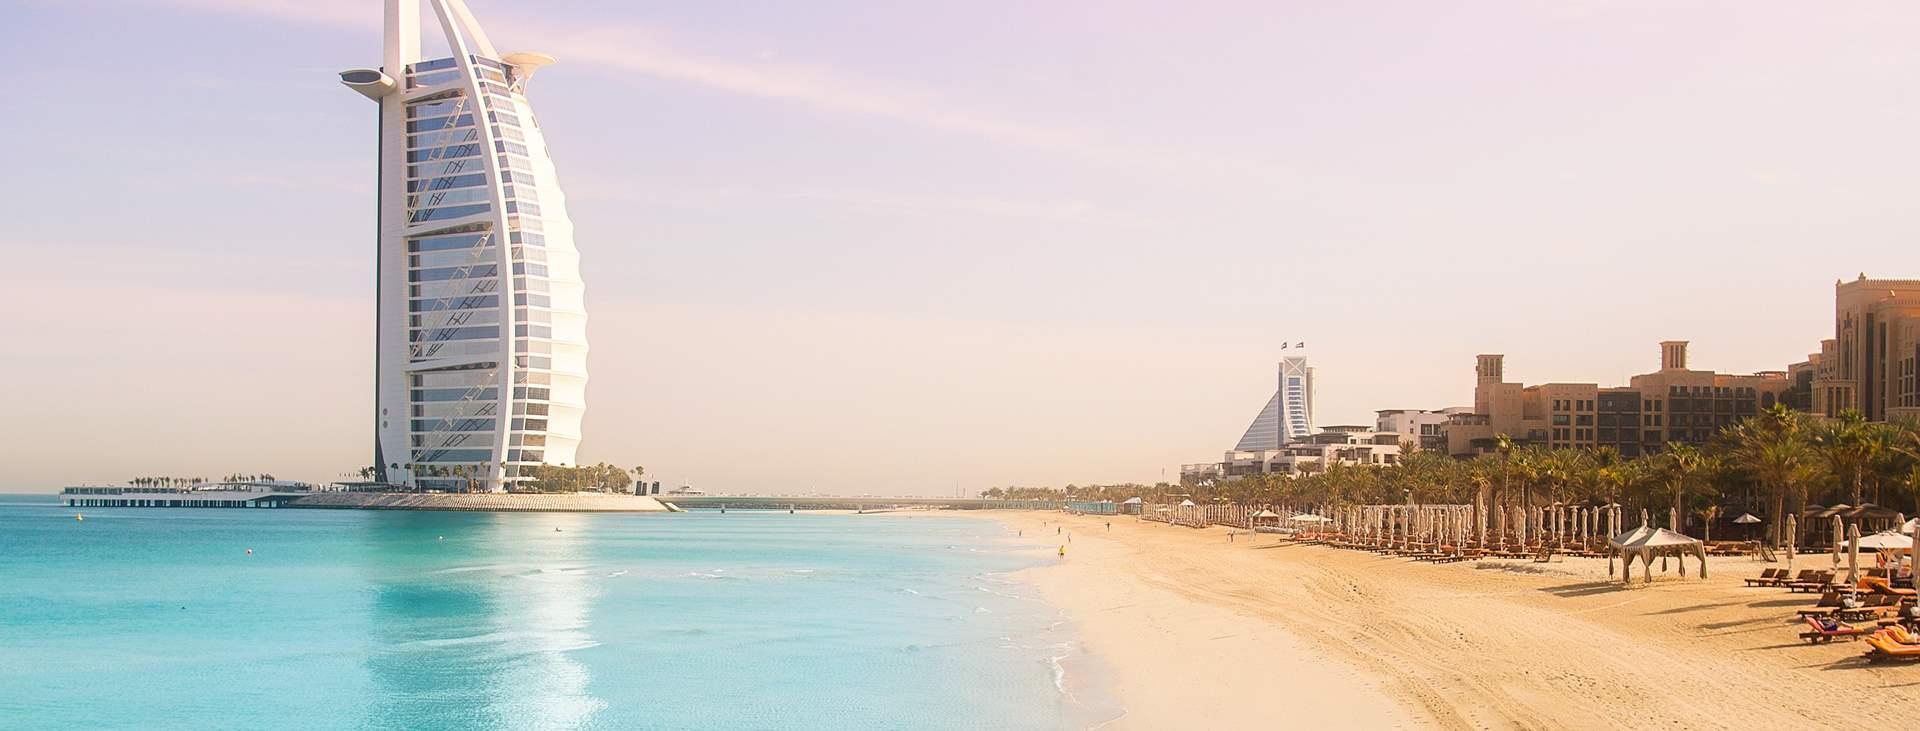 Varaa Tjäreborgilta lomamatkasi Dubaihin